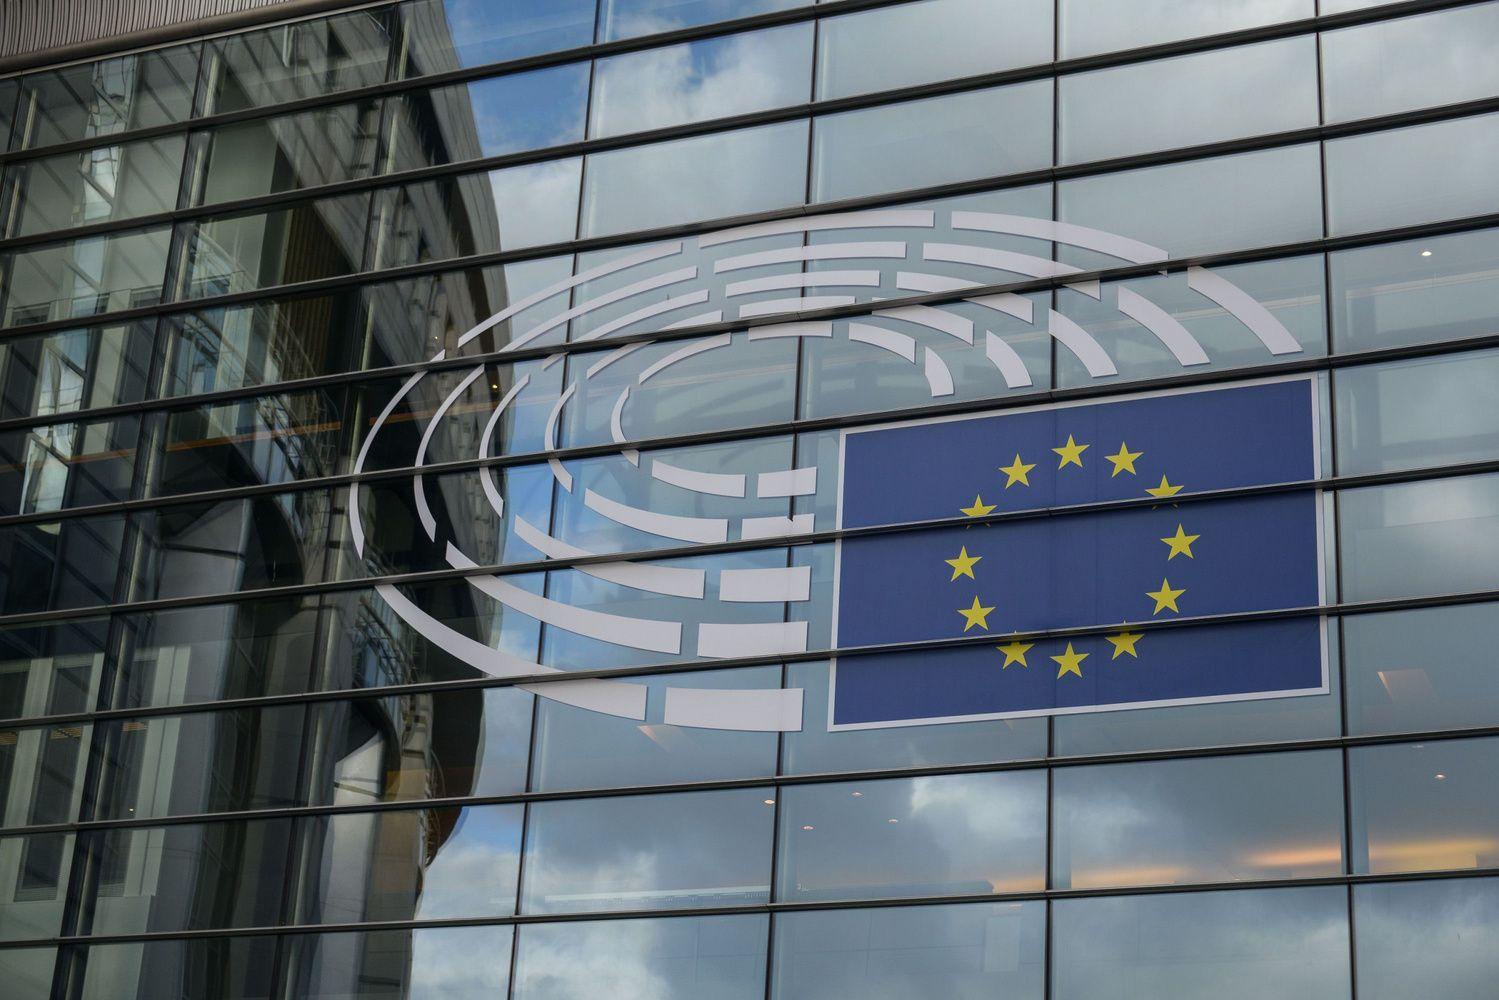 Balsavime nedalyvavę Lietuvos europarlamentarai sustabdė šalies ūkiui itin svarbią iniciatyvą